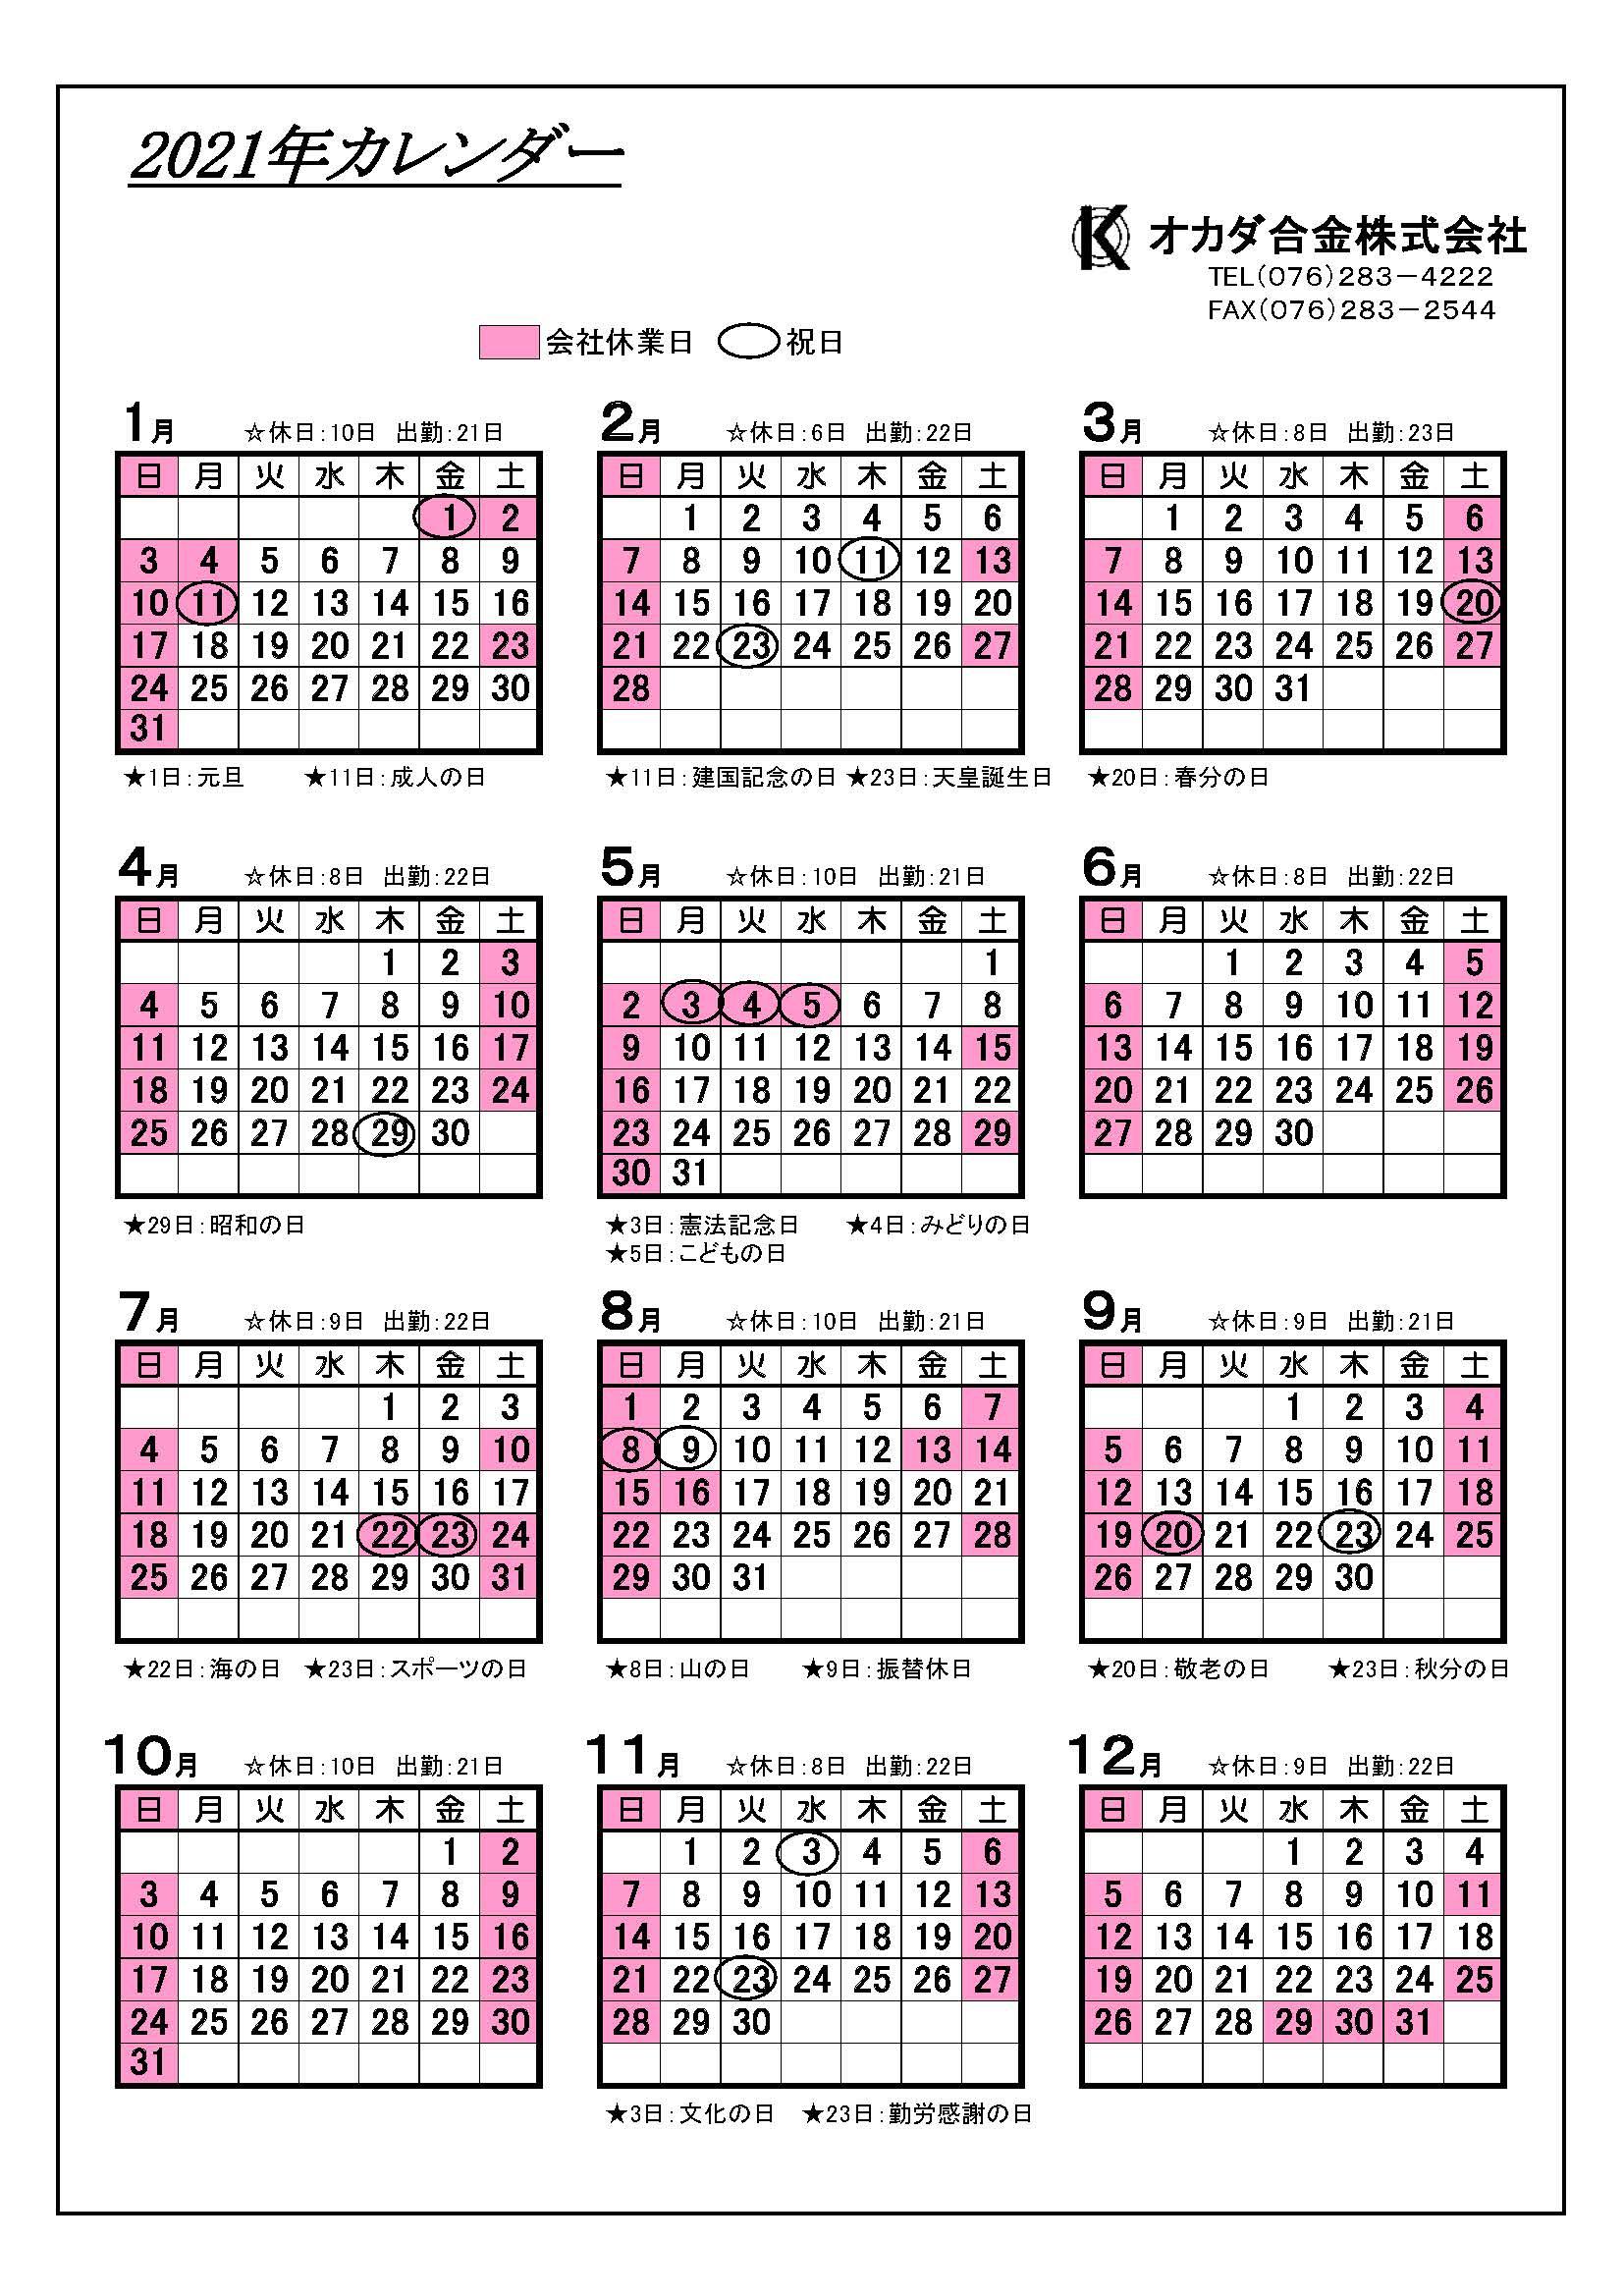 2021年 年間カレンダー